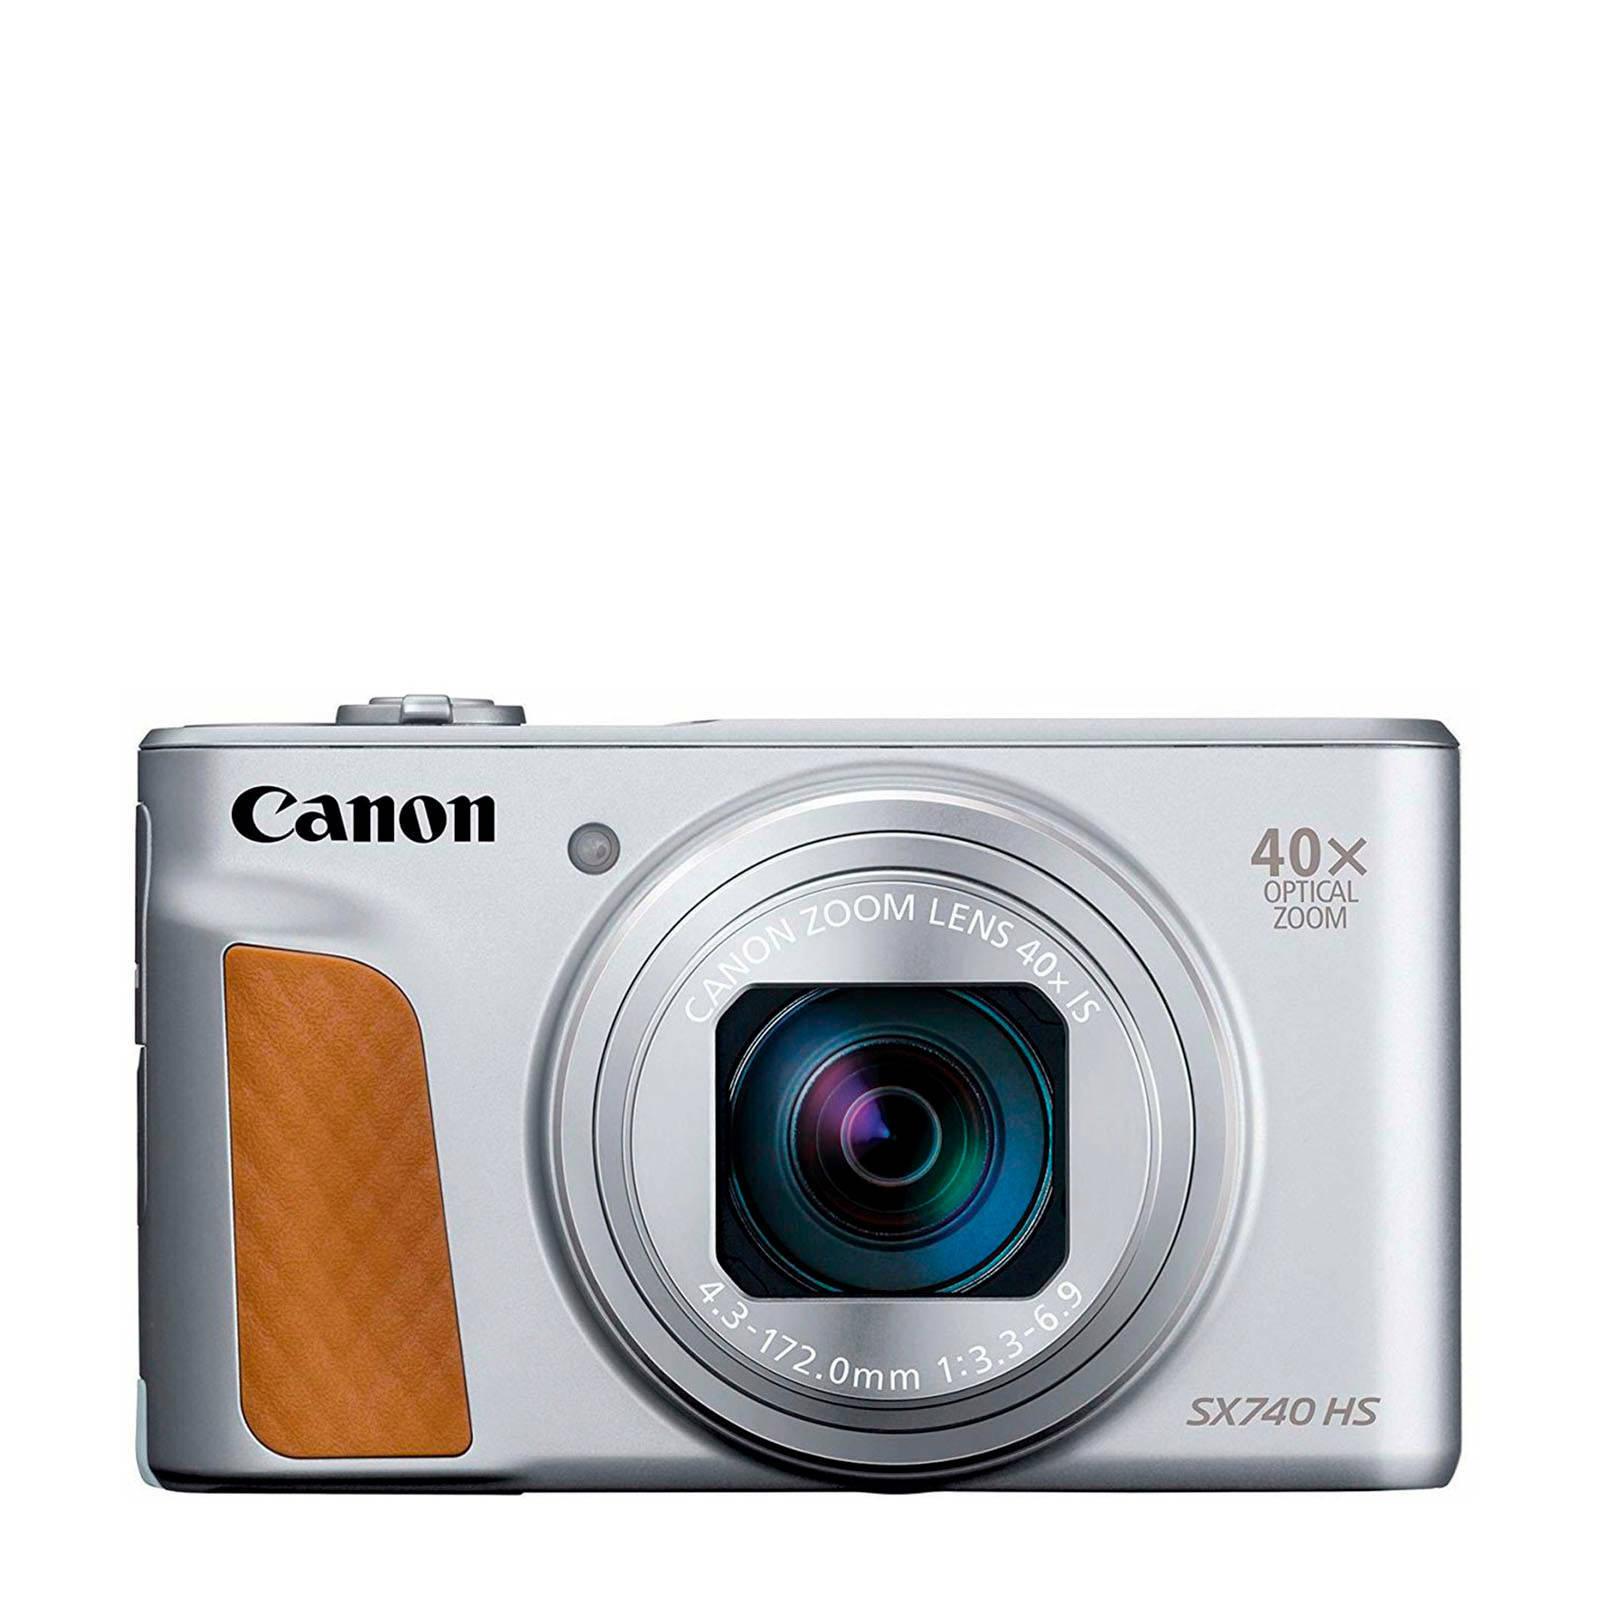 מצלמה CANON SX740 צבע כסף